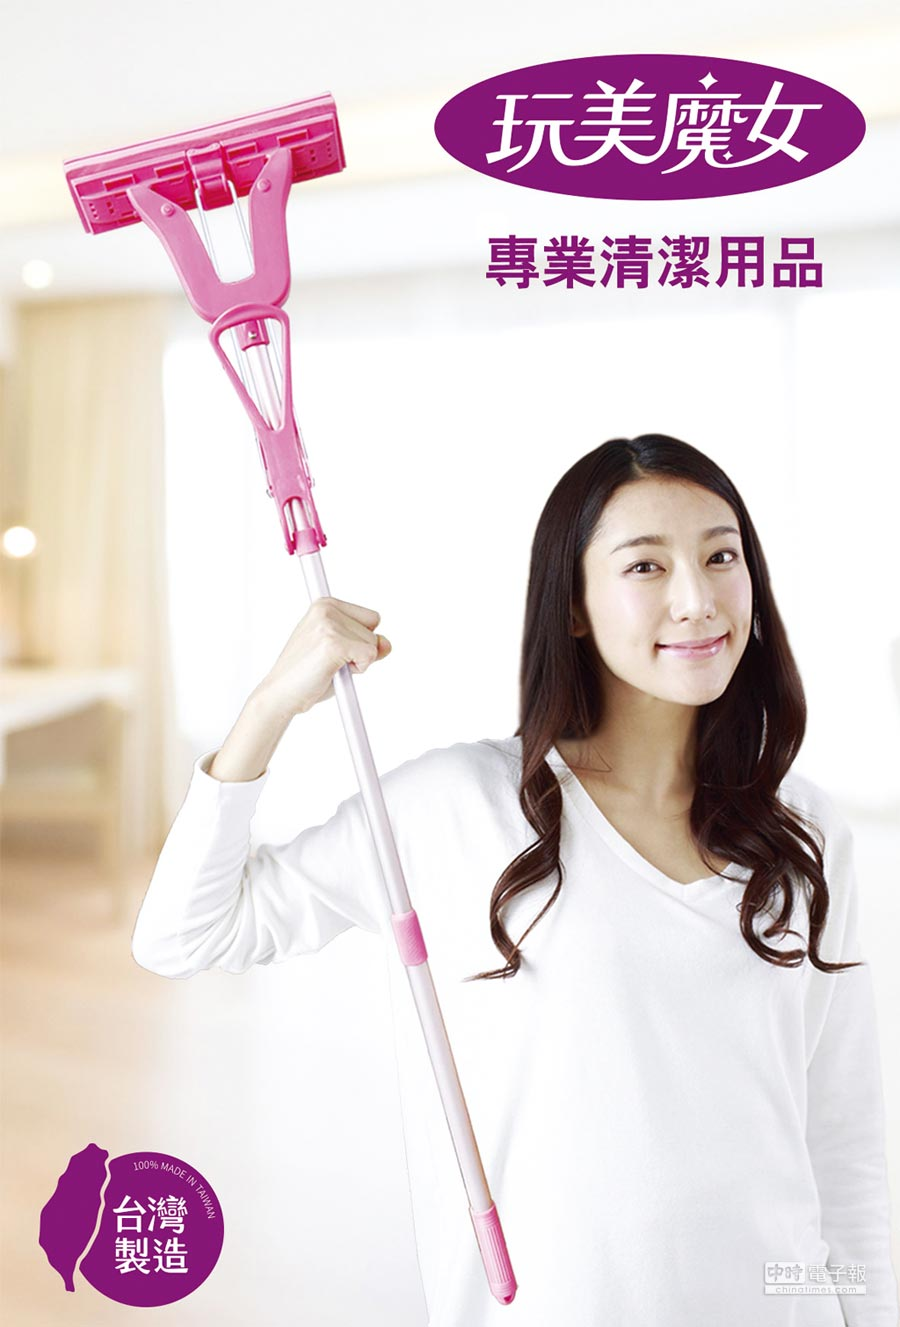 玩美魔女清潔用品擁有多項新型專利,成為居家打掃新利器。圖/商鐵國際提供